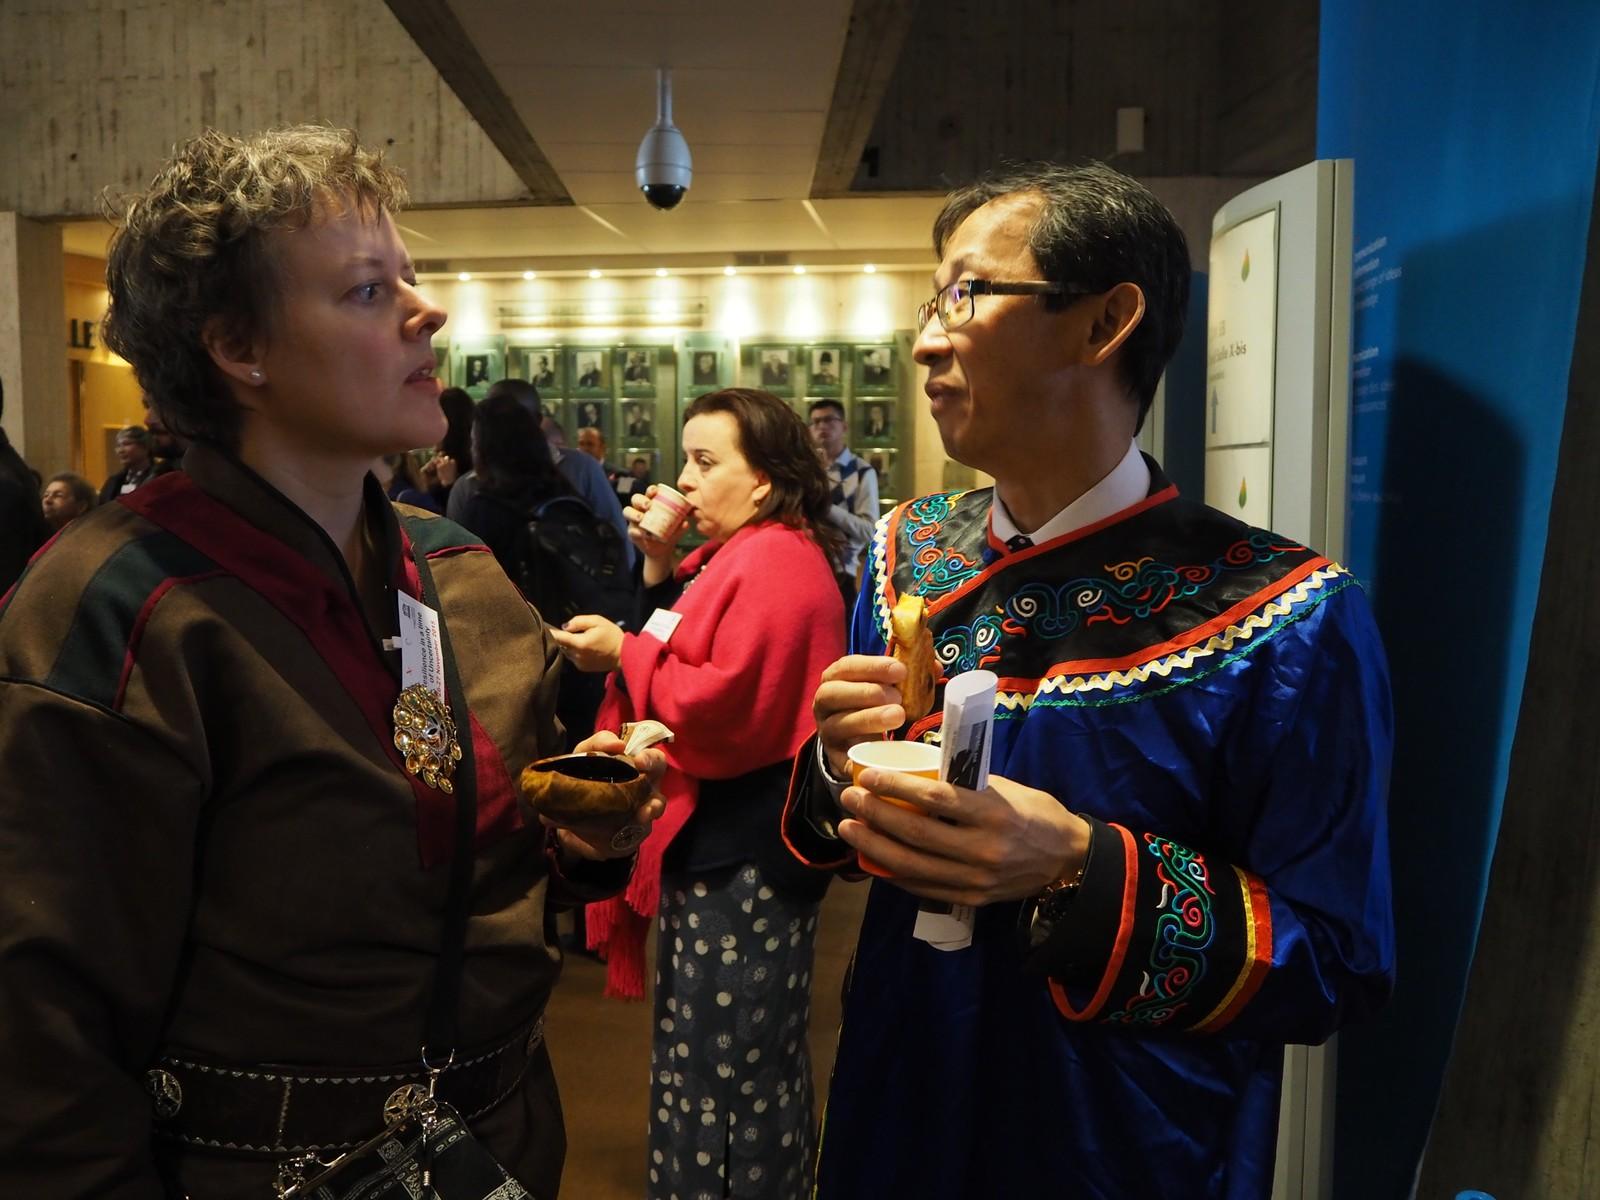 Gunn Britt Retter fra Samerådet med miljøvennlig kopp under COP21.  Fra UNESCOs urfolkskonferanse Resilience in a time of uncertainty.